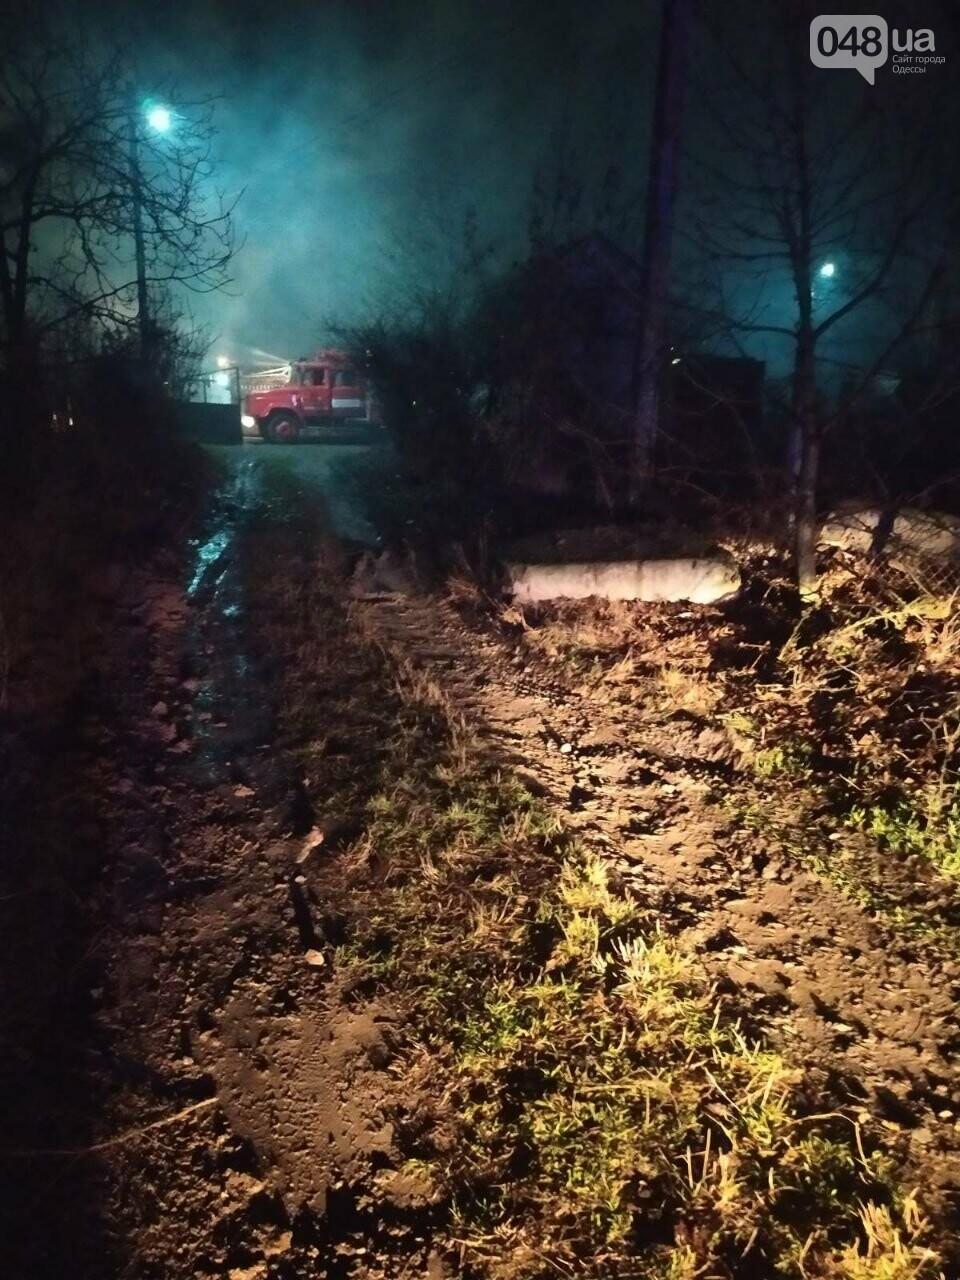 Новогодняя гирлянда могла стать причиной пожара: в Одесской области сгорел дом, - ФОТО, фото-2